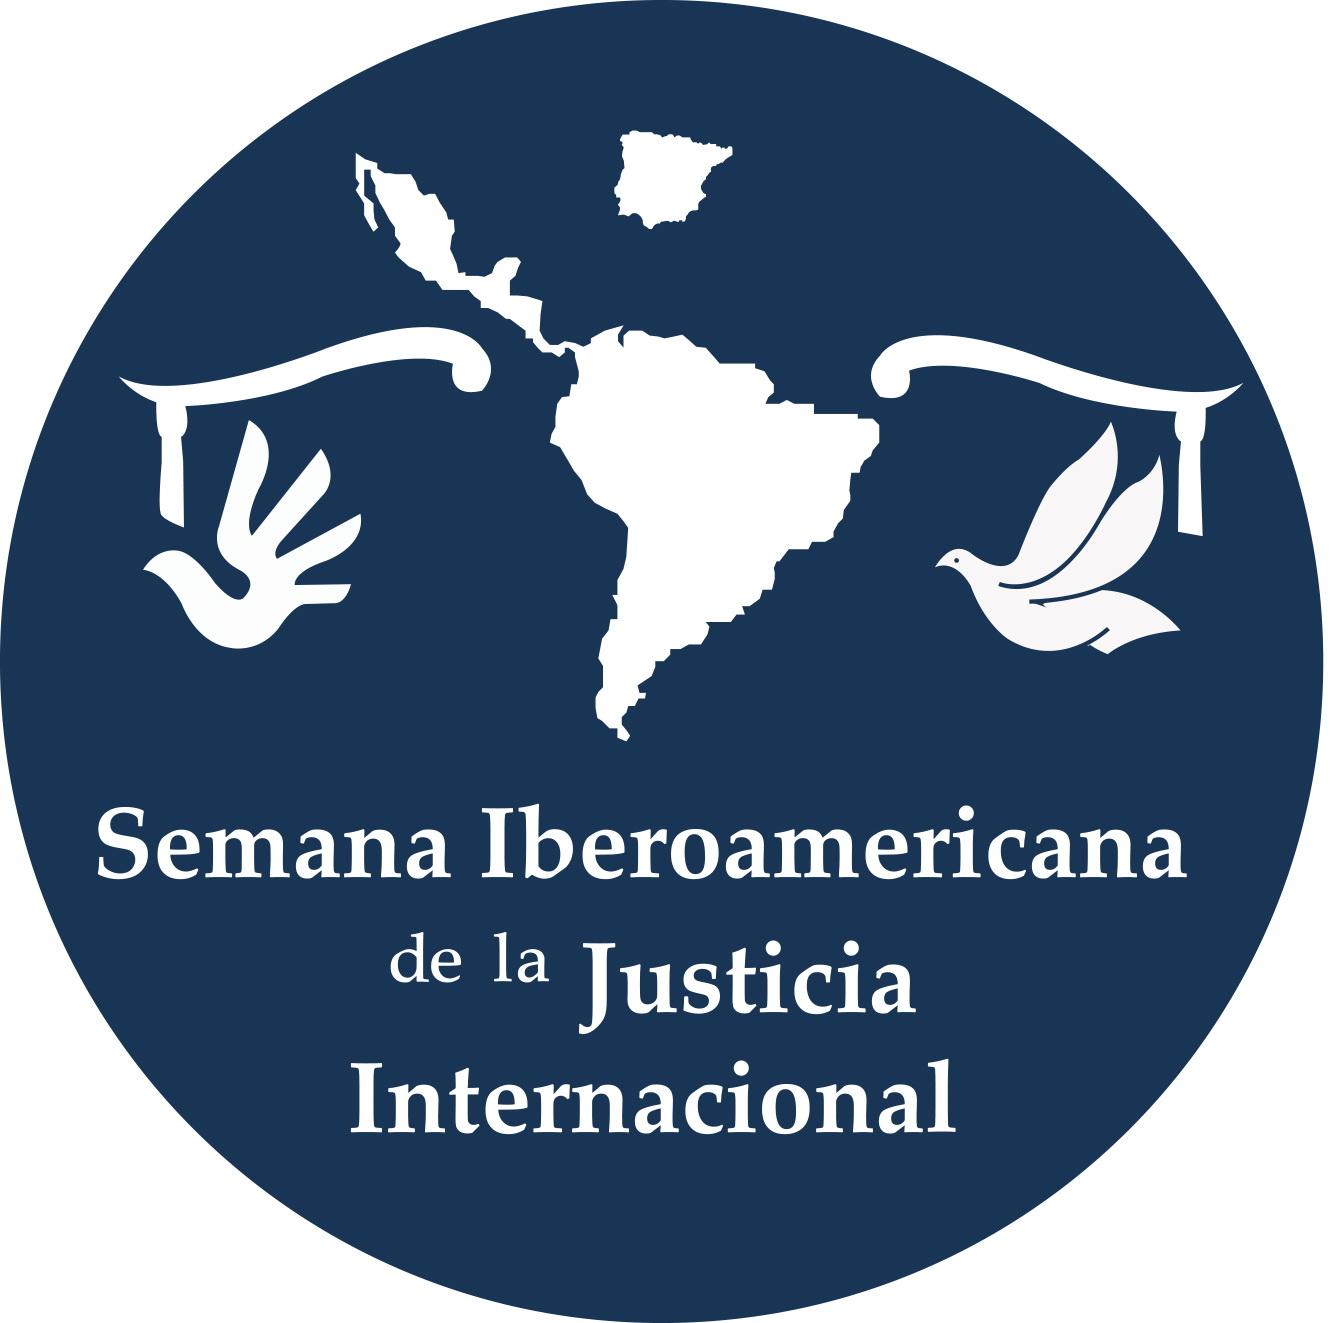 Semana Iberoamericana de la justicia Internacional